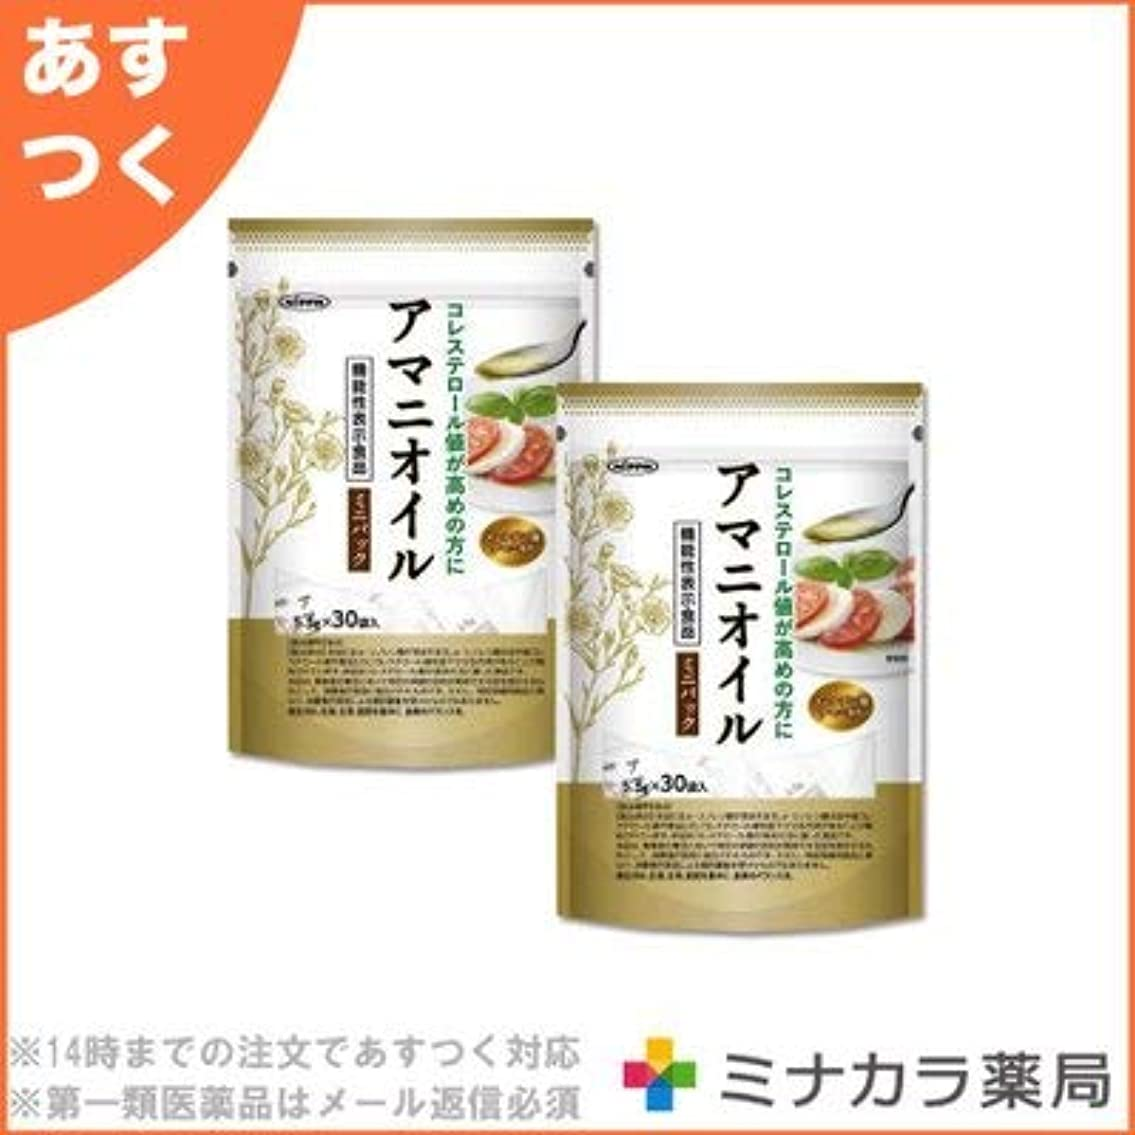 マッシュ彫る大騒ぎ日本製粉 アマニオイル ミニパック 5.5g×30 (機能性表示食品)×2個セット